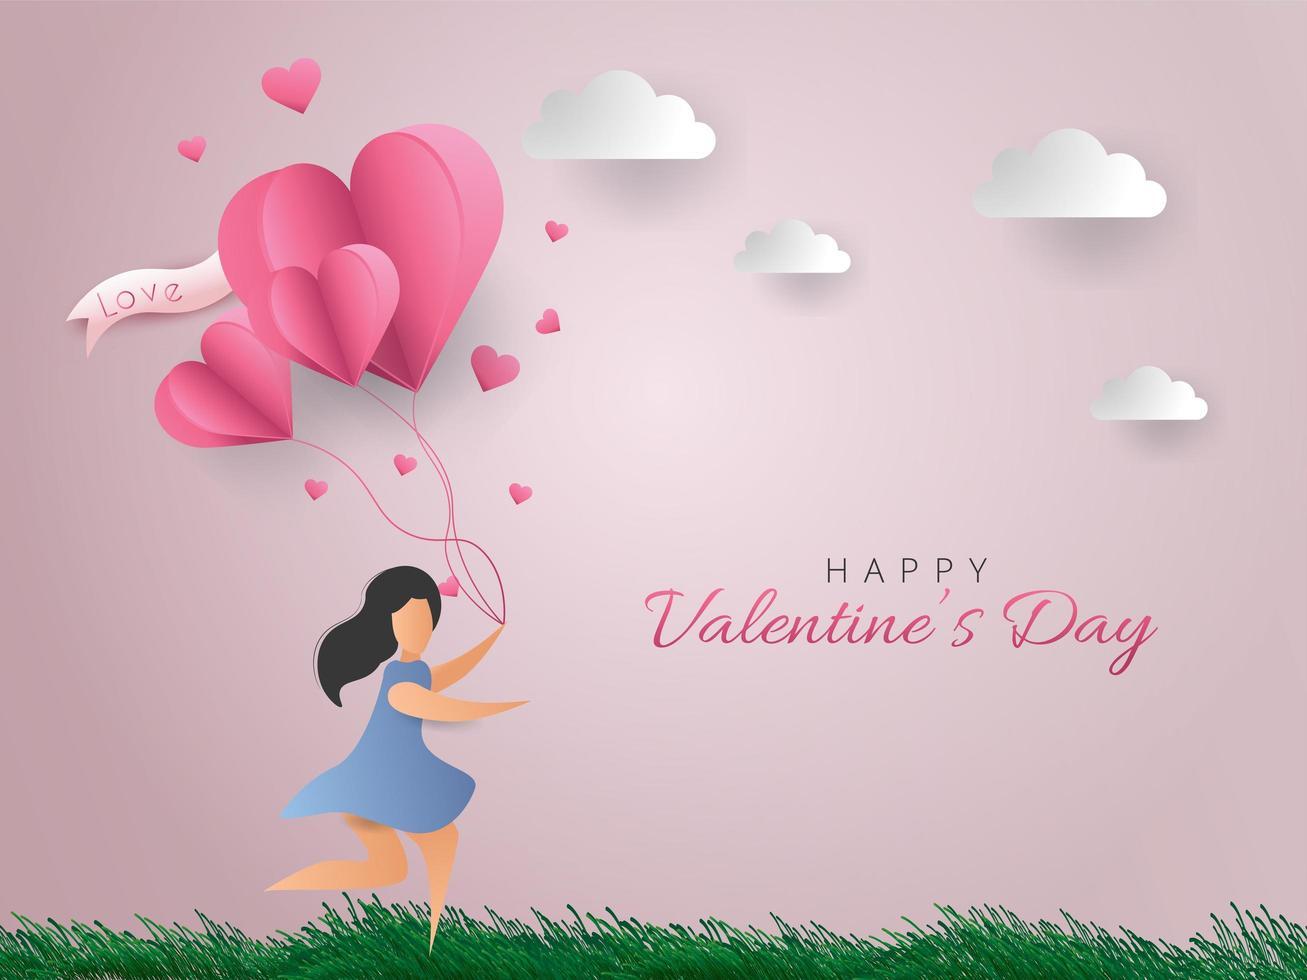 Feliz dia dos namorados cartão. Mulher correndo com balões de coração. vetor